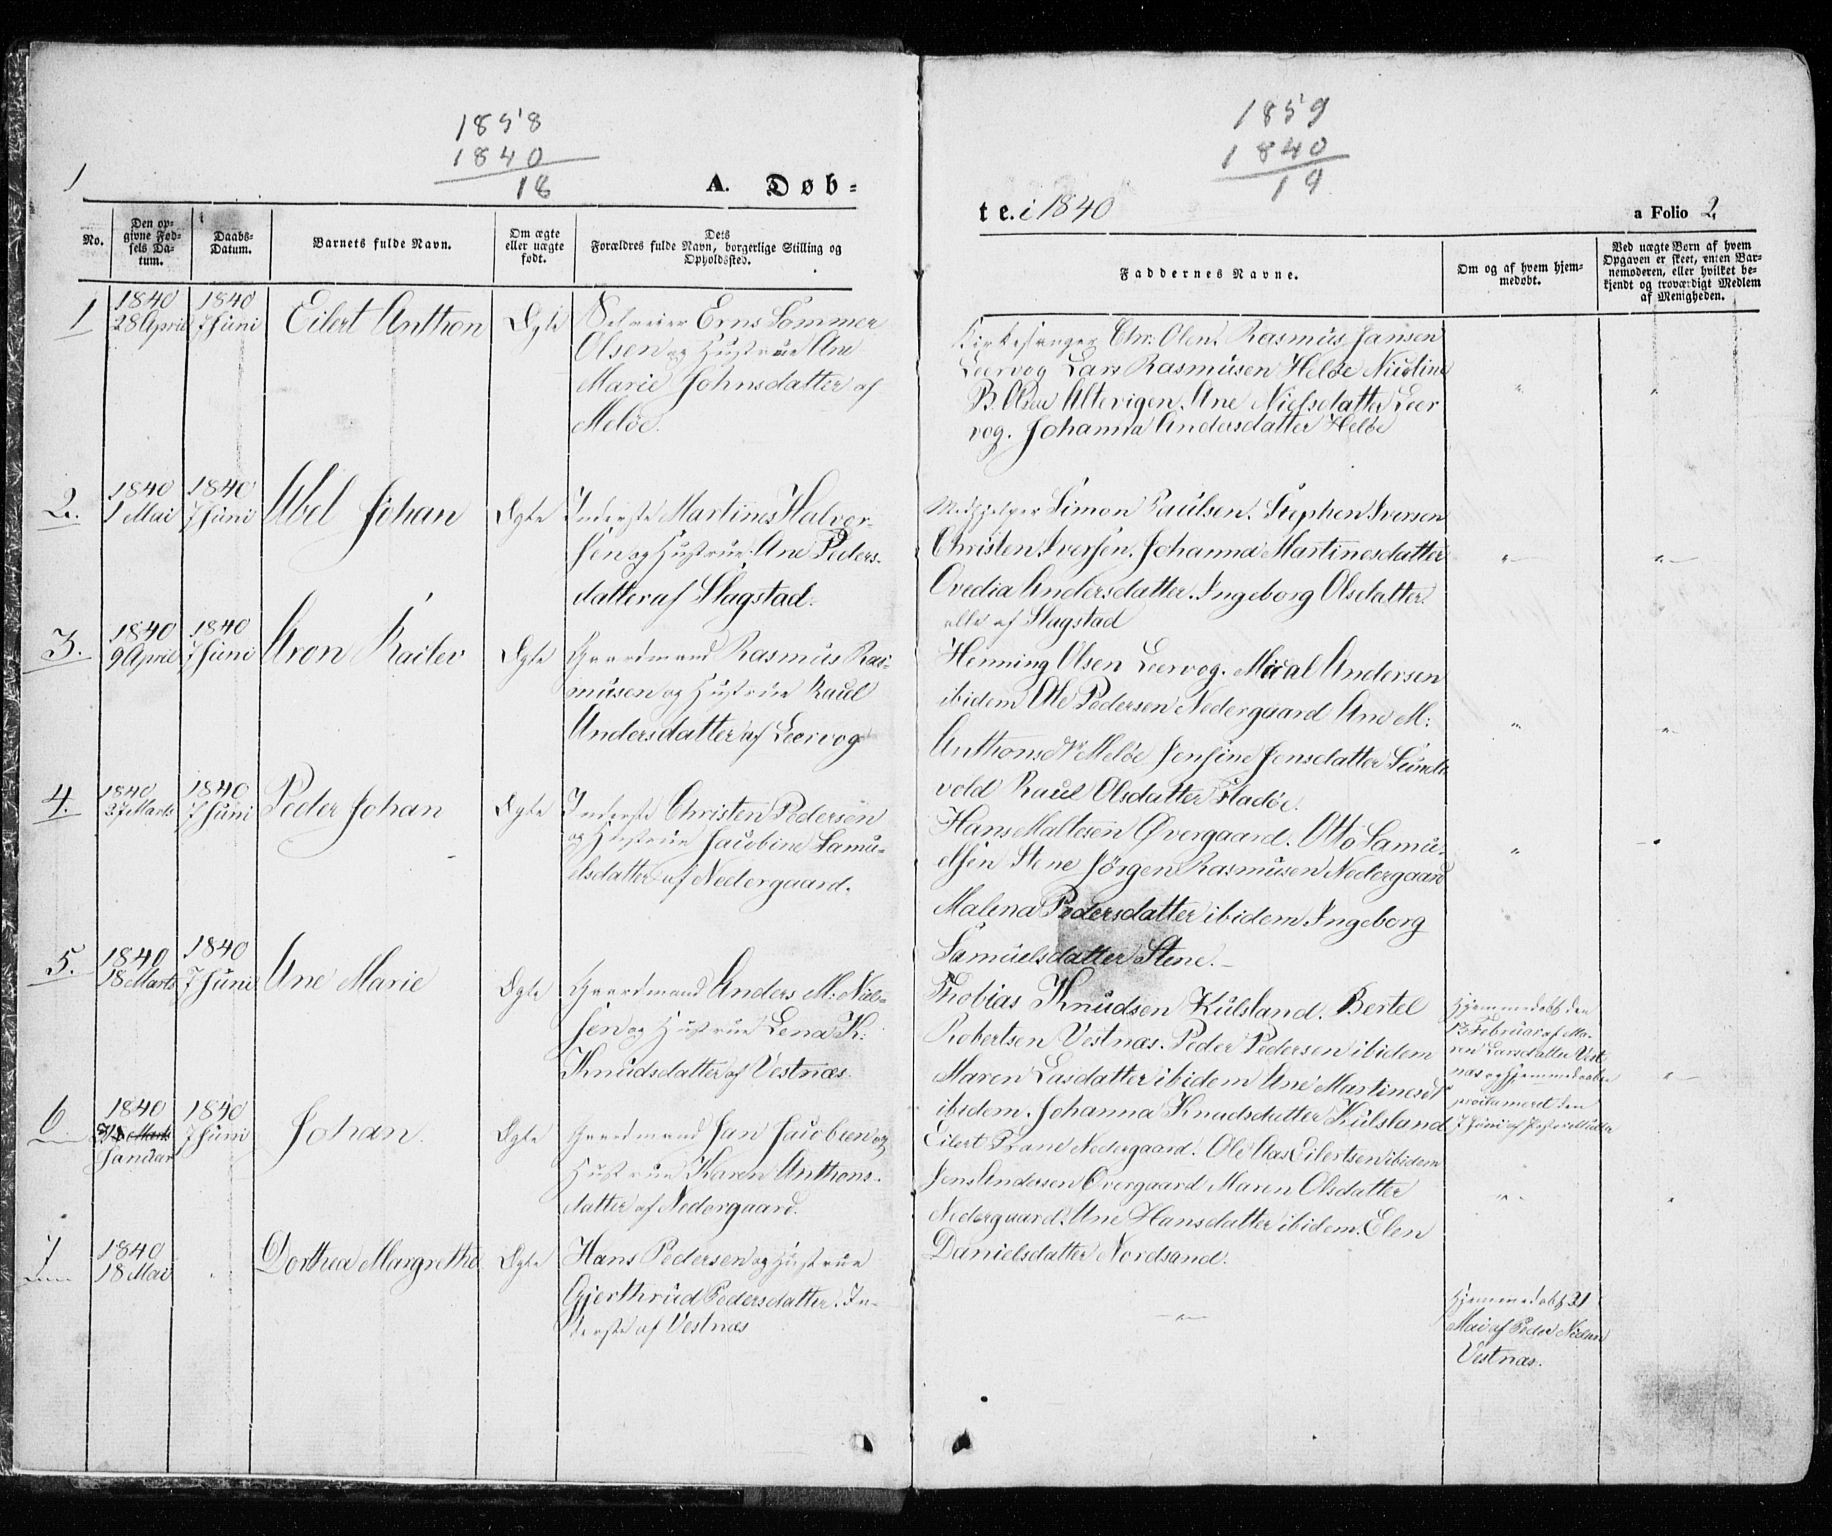 SATØ, Trondenes sokneprestkontor, H/Ha/L0010kirke: Ministerialbok nr. 10, 1840-1865, s. 1-2